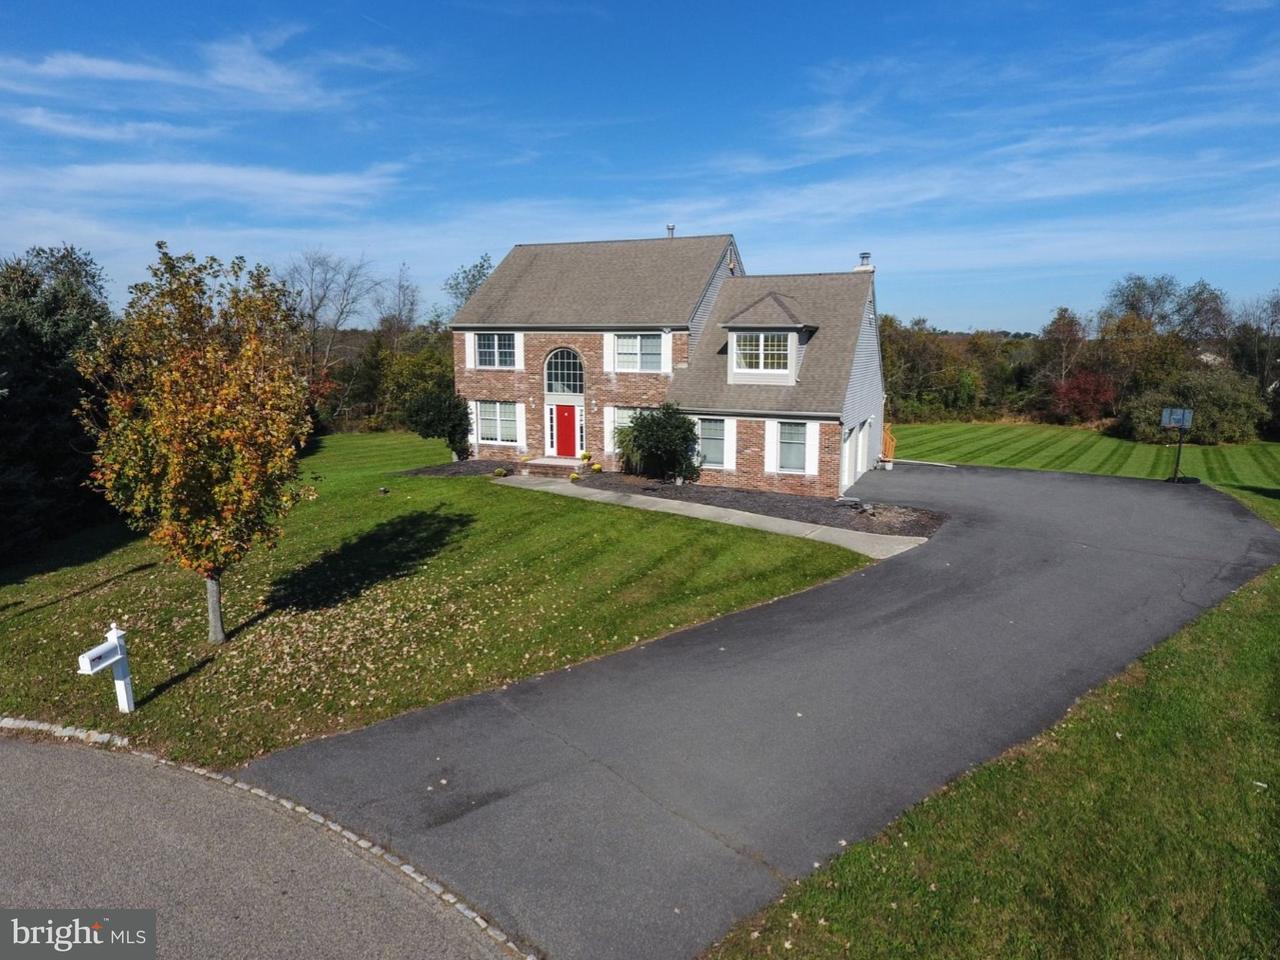 独户住宅 为 销售 在 4 CALVIN Court 夫雷明顿, 新泽西州 08822 美国在/周边: Raritan Township